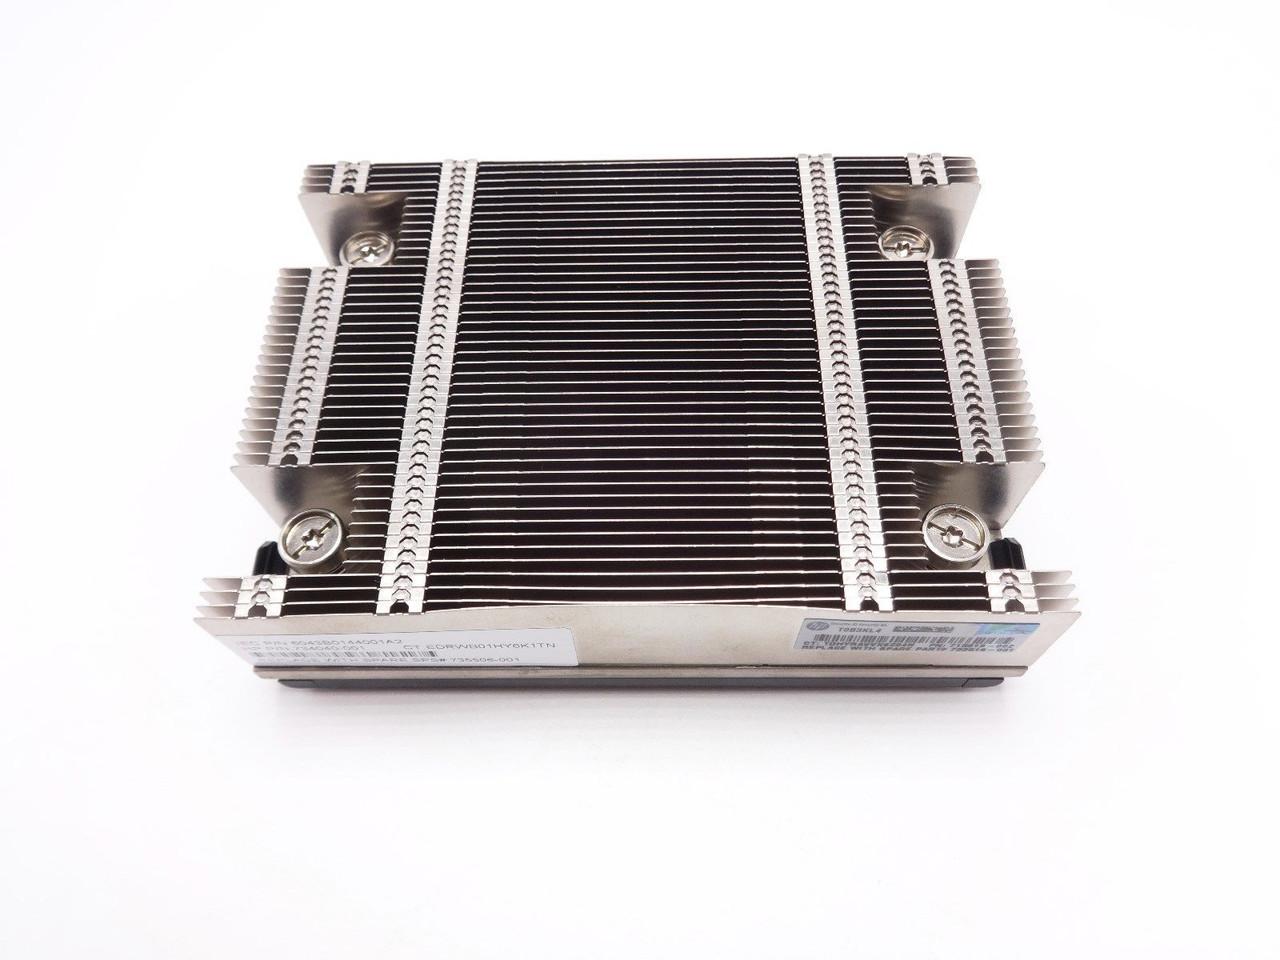 HP 735506-001 DL360P G8 Heat Sink